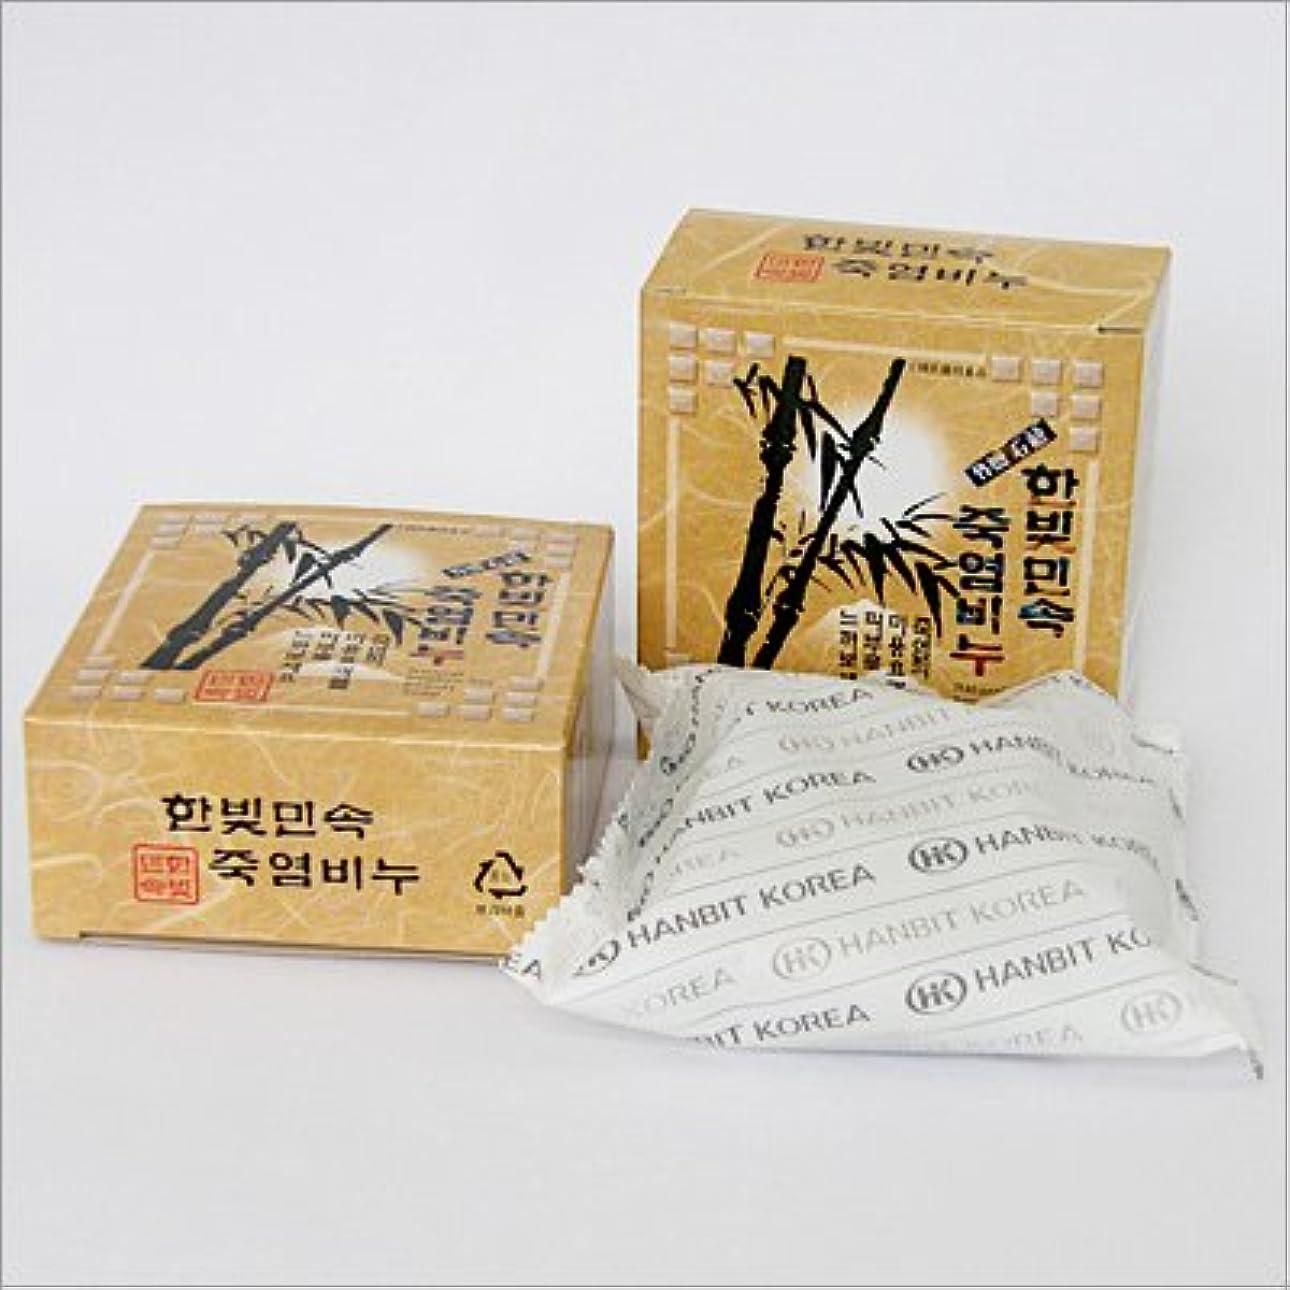 経歴靄綺麗な(韓国ブランド) 韓国直輸入』竹塩石鹸(3個×5セット)